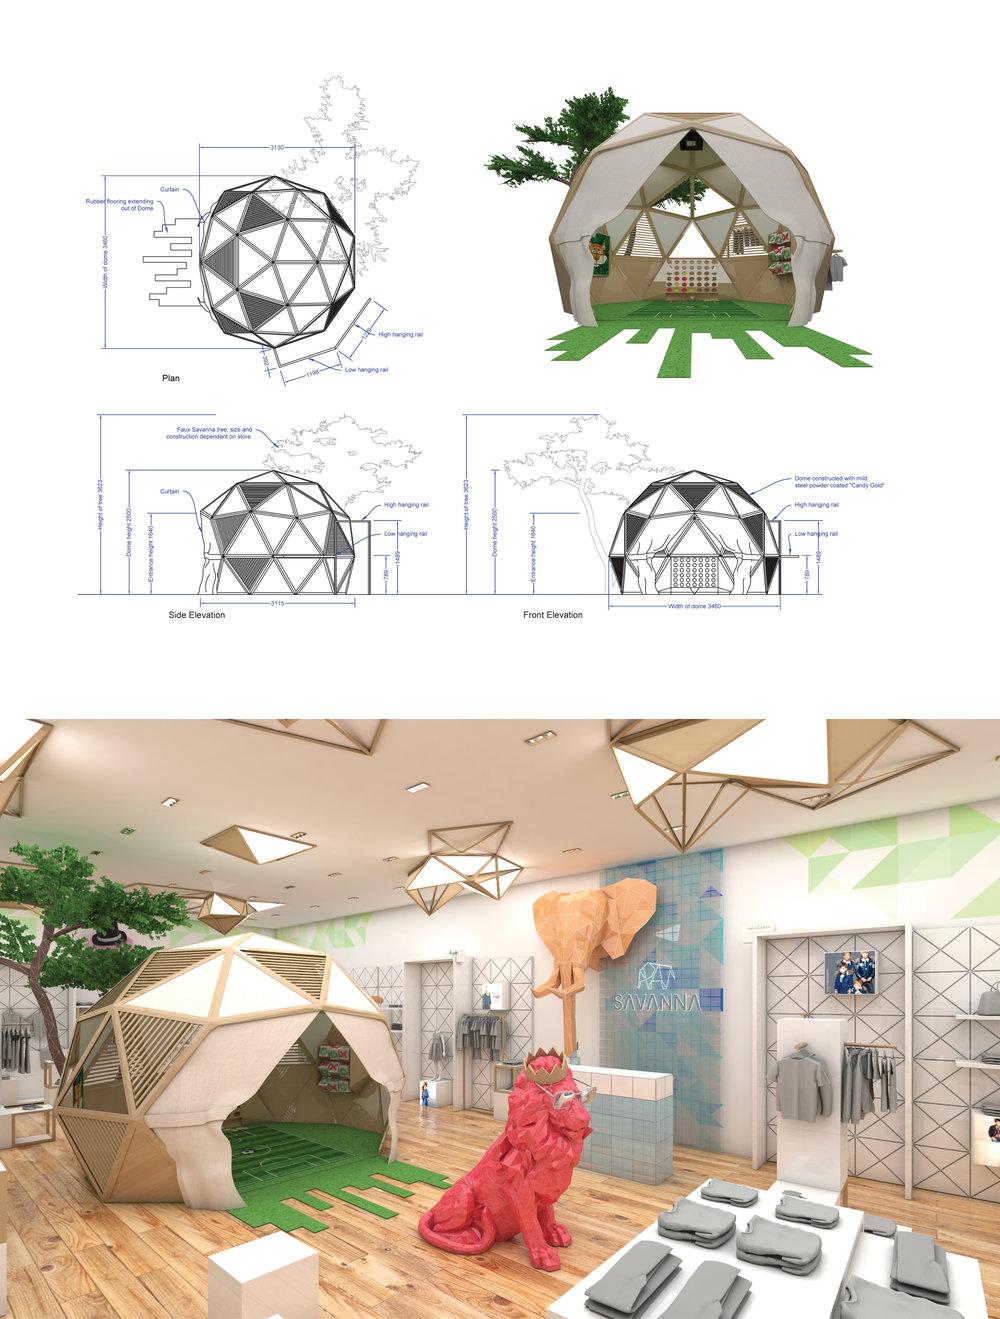 Savanna Store Interior Sketches